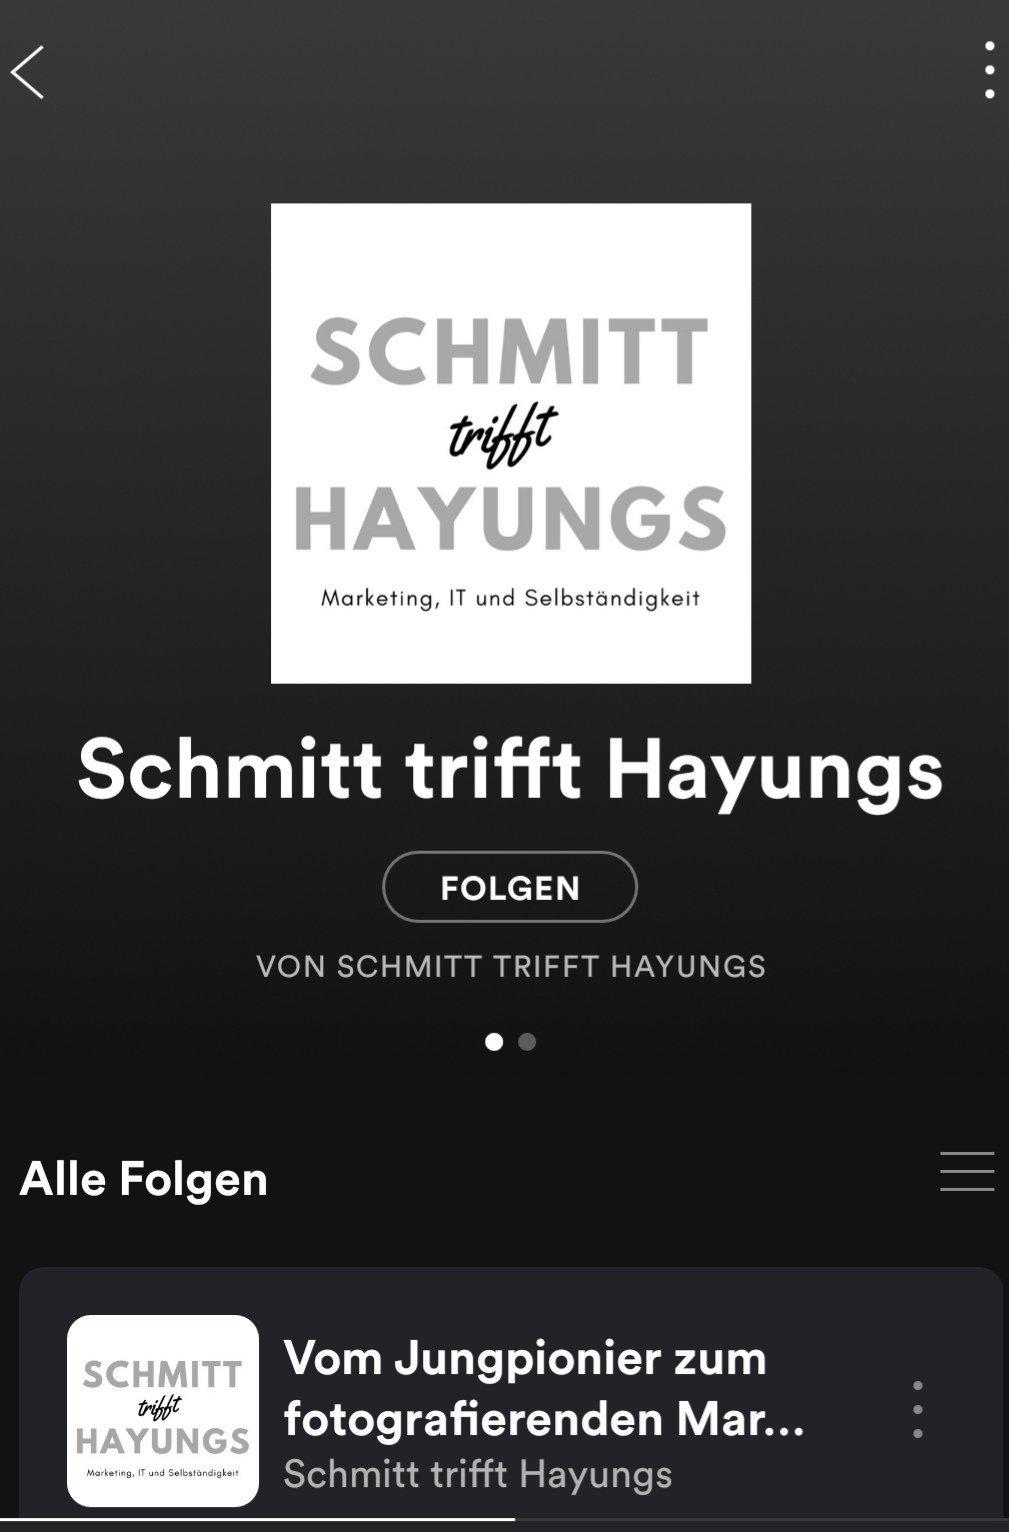 Schmitt trifft Hayungs